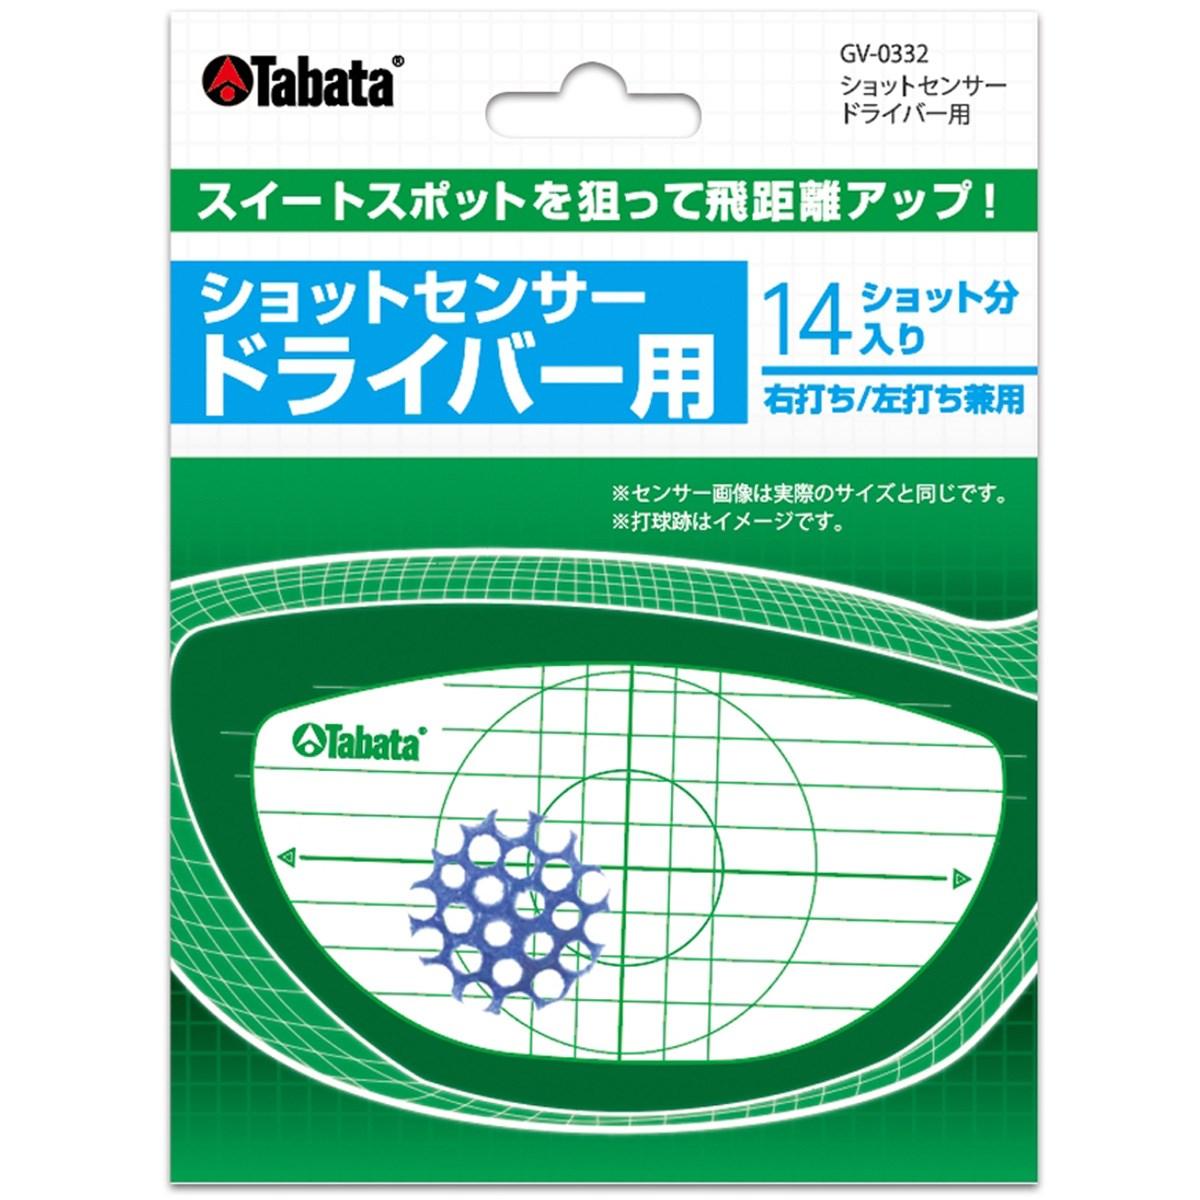 タバタ Tabata ショットセンサー ドライバー用 GV-0332 ホワイト メンズ ゴルフ